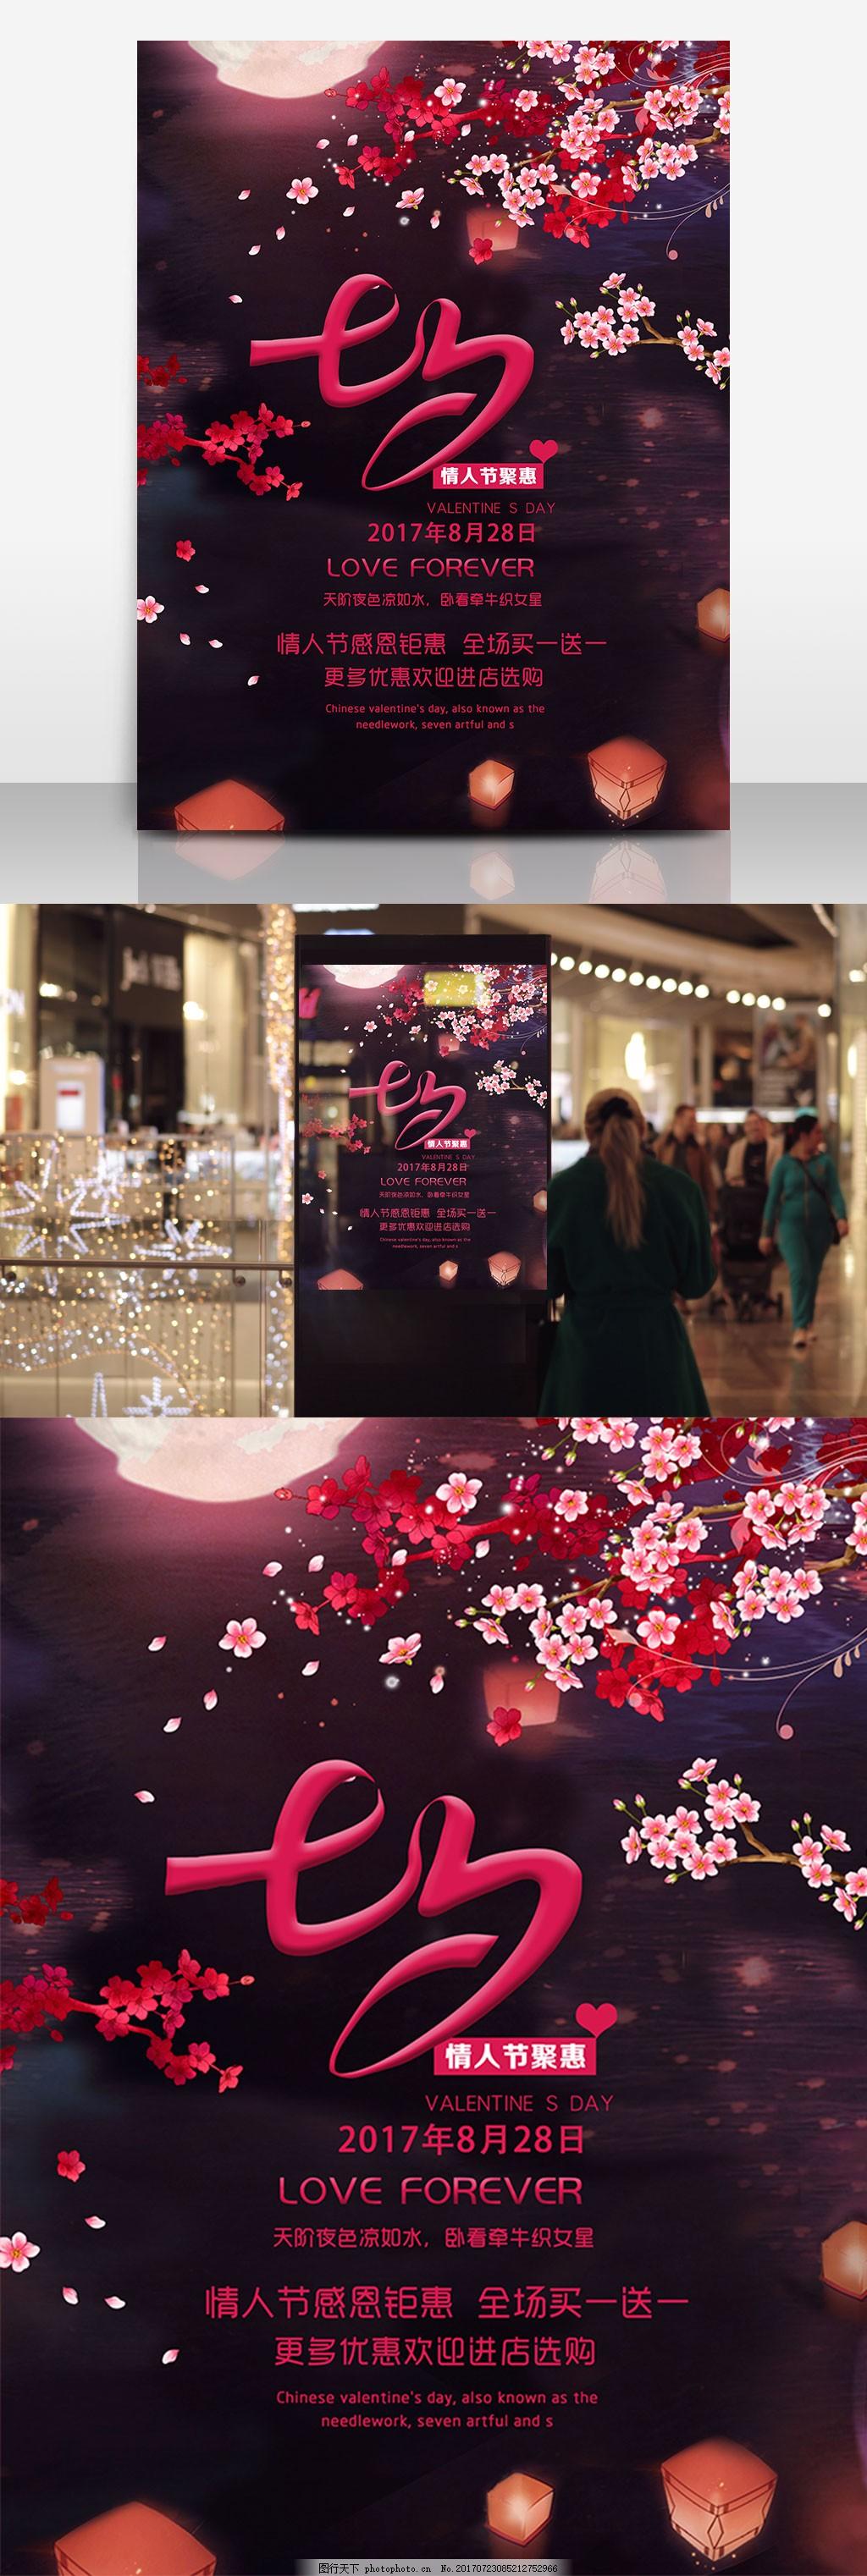 七夕情人节中国风浪漫宣传促销海报 手绘 花灯 桃花 艺术字体 感恩